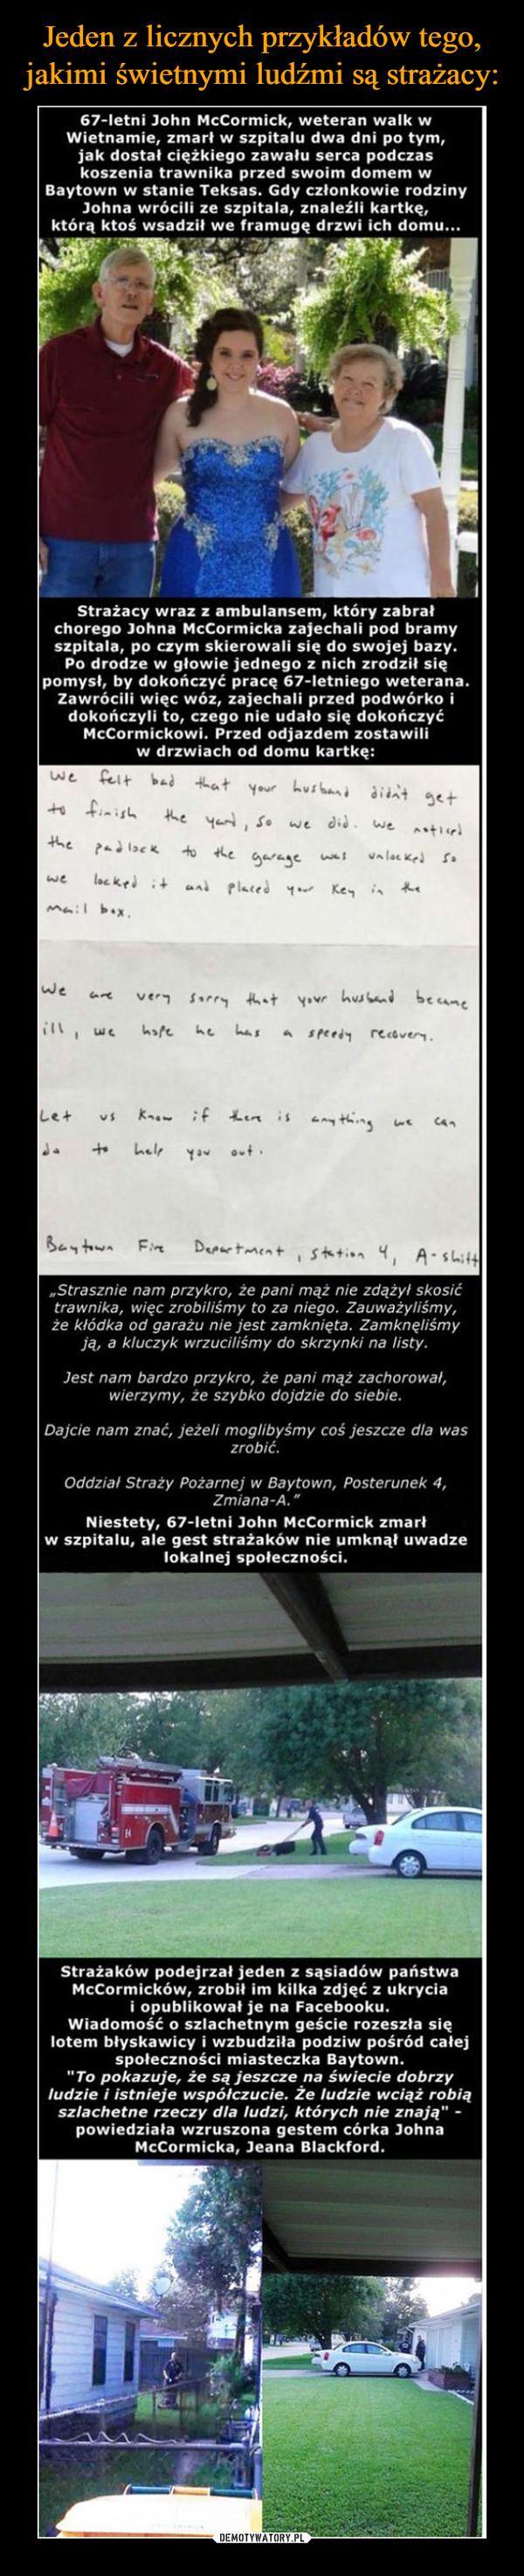 """–  67-letni John McCormick, weteran walk wWietnamie, zmarł w szpitalu dwa dni po tym,jak dostał ciężkiego zawału serca podczaskoszenia trawnika przed swoim domem wBaytown w stanie Teksas. Gdy członkowie rodzinyJohna wrócili ze szpitala, znaleźli kartkę,którą ktoś wsadził we framugę drzwi ich domu...Strażacy wraz z ambulansem, który zabrałchorego Johna McCormicka zajechali pod bramyszpitala, po czym skierowali się do swojej bazyPo drodze w głowie jednego z nich zrodził siępomysł, by dokończyć pracę 67-letniego weterana.Zawrócili więc wóz, zajechali przed podwórko idokończyli to, czego nie udało się dokończyćMcCormickowi. Przed odjazdem zostawiliw drzwiach od domu kartkę:felt bad that your husbri diat ge+wet finishhe yad, sowe di we titheckto e garaslocked an Placed 1. Ke iwemail bexweYo hsdbecaneverコ Srrythathashofehespeedy recaver.K;f 礼en isLetthinghelrutBaytaDeprtmentFirsktion A-sit4""""Strasznie nam przykro, że pani mąż nie zdążył skosićtrawnika, więc zrobiliśmy to za niego. Zauważyliśmy,że kłódka od garażu nie jest zamknięta. Zamknęliśmyja, a kluczyk wrzuciliśmy do skrzynki na listy.Jest nam bardzo przykro, że pani mąż zachorował,wierzymy, że szybko dojdzie do siebie.Dajcie nam znać, jeżeli moglibyśmy coś jeszcze dla waszrobić.Oddział Straży Pożarnej w Baytown, Posterunek 4,Zmiana-A.""""Niestety, 67-letni John McCormick zmartw szpitalu, ale gest strażaków nie umknął uwadzelokalnej społeczności.Strażaków podejrzał jeden z sąsiadów państwaMcCormicków, zrobił im kilka zdjęć z ukryciai opublikował je na Facebooku.Wiadomość o szlachetnym geście rozeszła sięlotem błyskawicy i wzbudziła podziw pośród całejspołeczności miasteczka Baytown.""""To pokazuje, że są jeszcze na świecie dobrzyludzie i istnieje współczucie. że ludzie wciąż robiąszlachetne rzeczy dla ludzi, których nie znają""""-powiedziała wzruszona gestem córka JohnaMcCormicka, Jeana Blackford."""